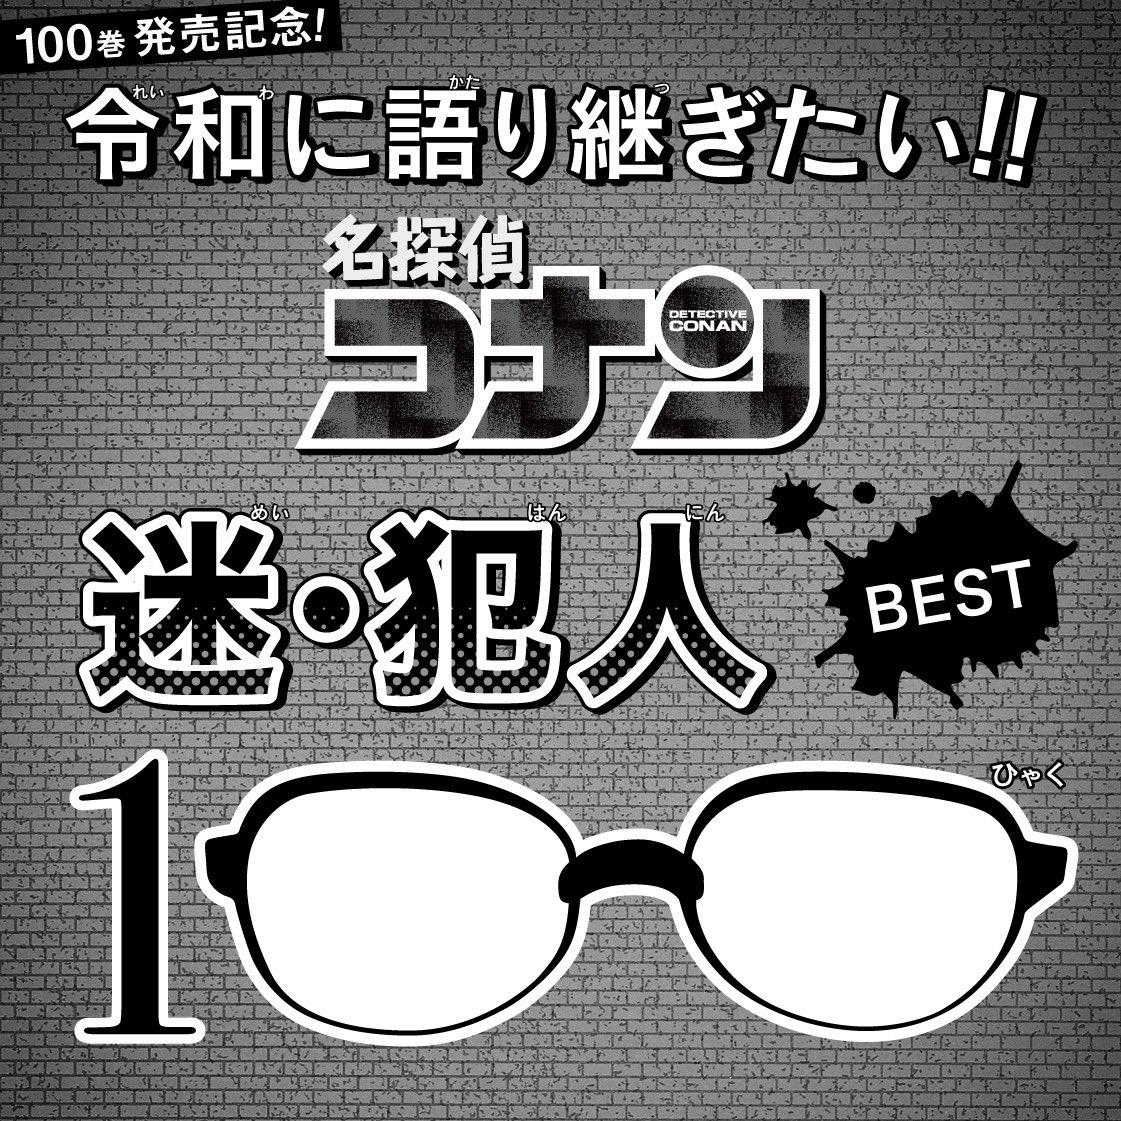 """令和に語り継ぎたい犯人は?「名探偵コナン」犯沢さん持ち込み企画""""迷・犯人BEST100""""開幕!"""